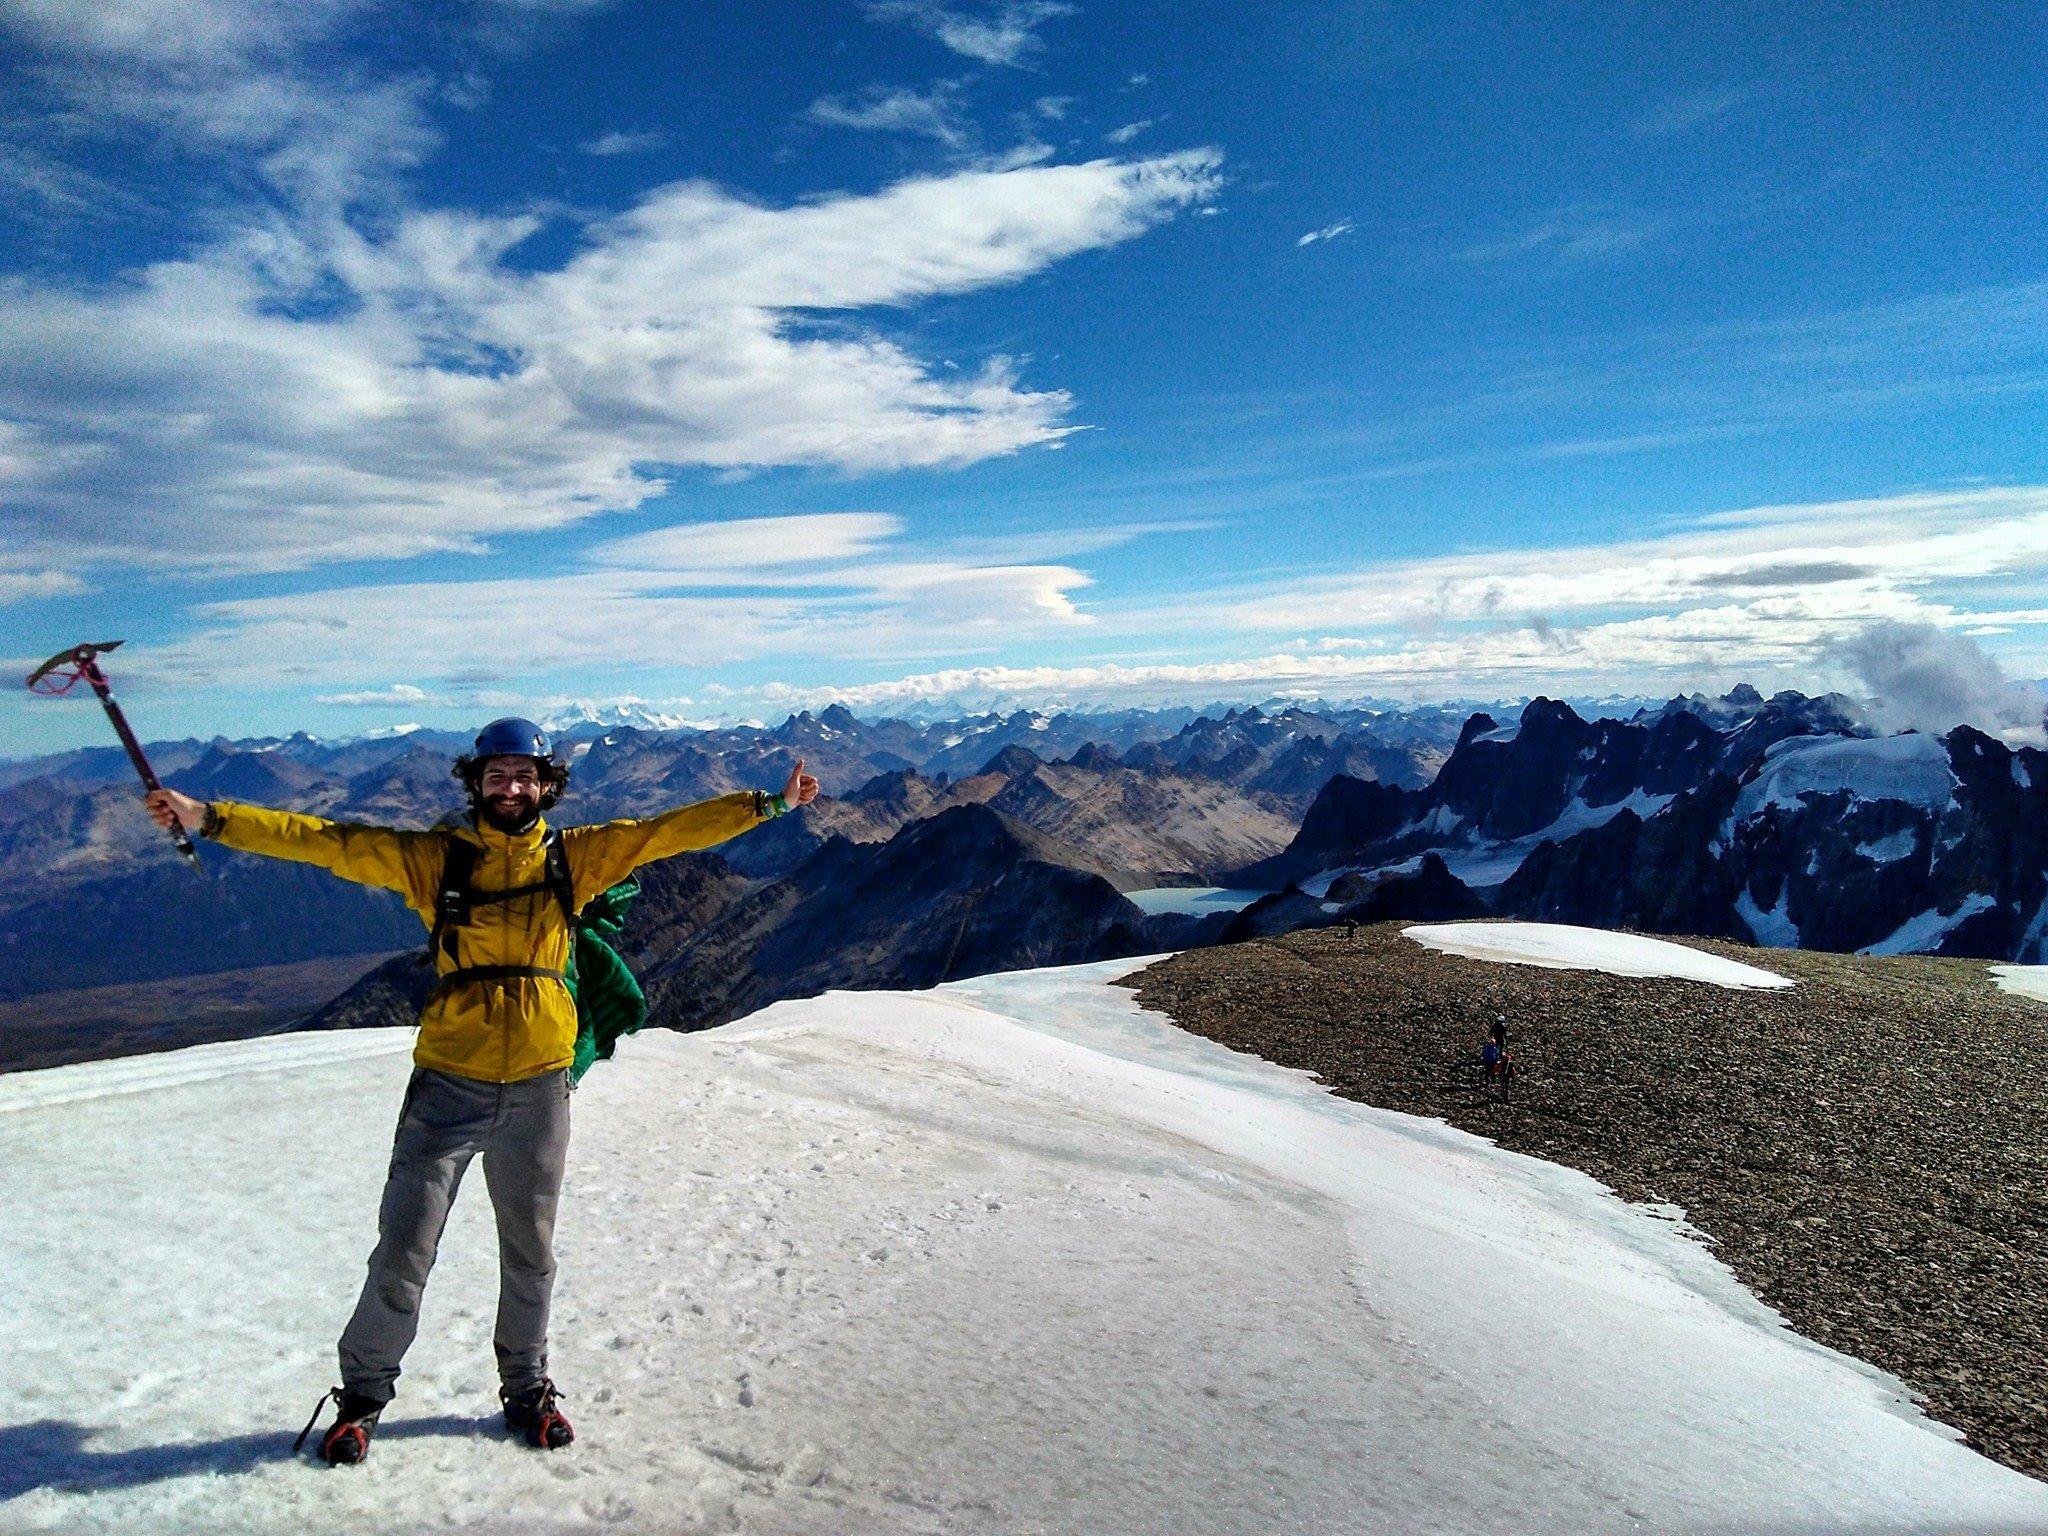 Juan Dual coronando una cima de montaña